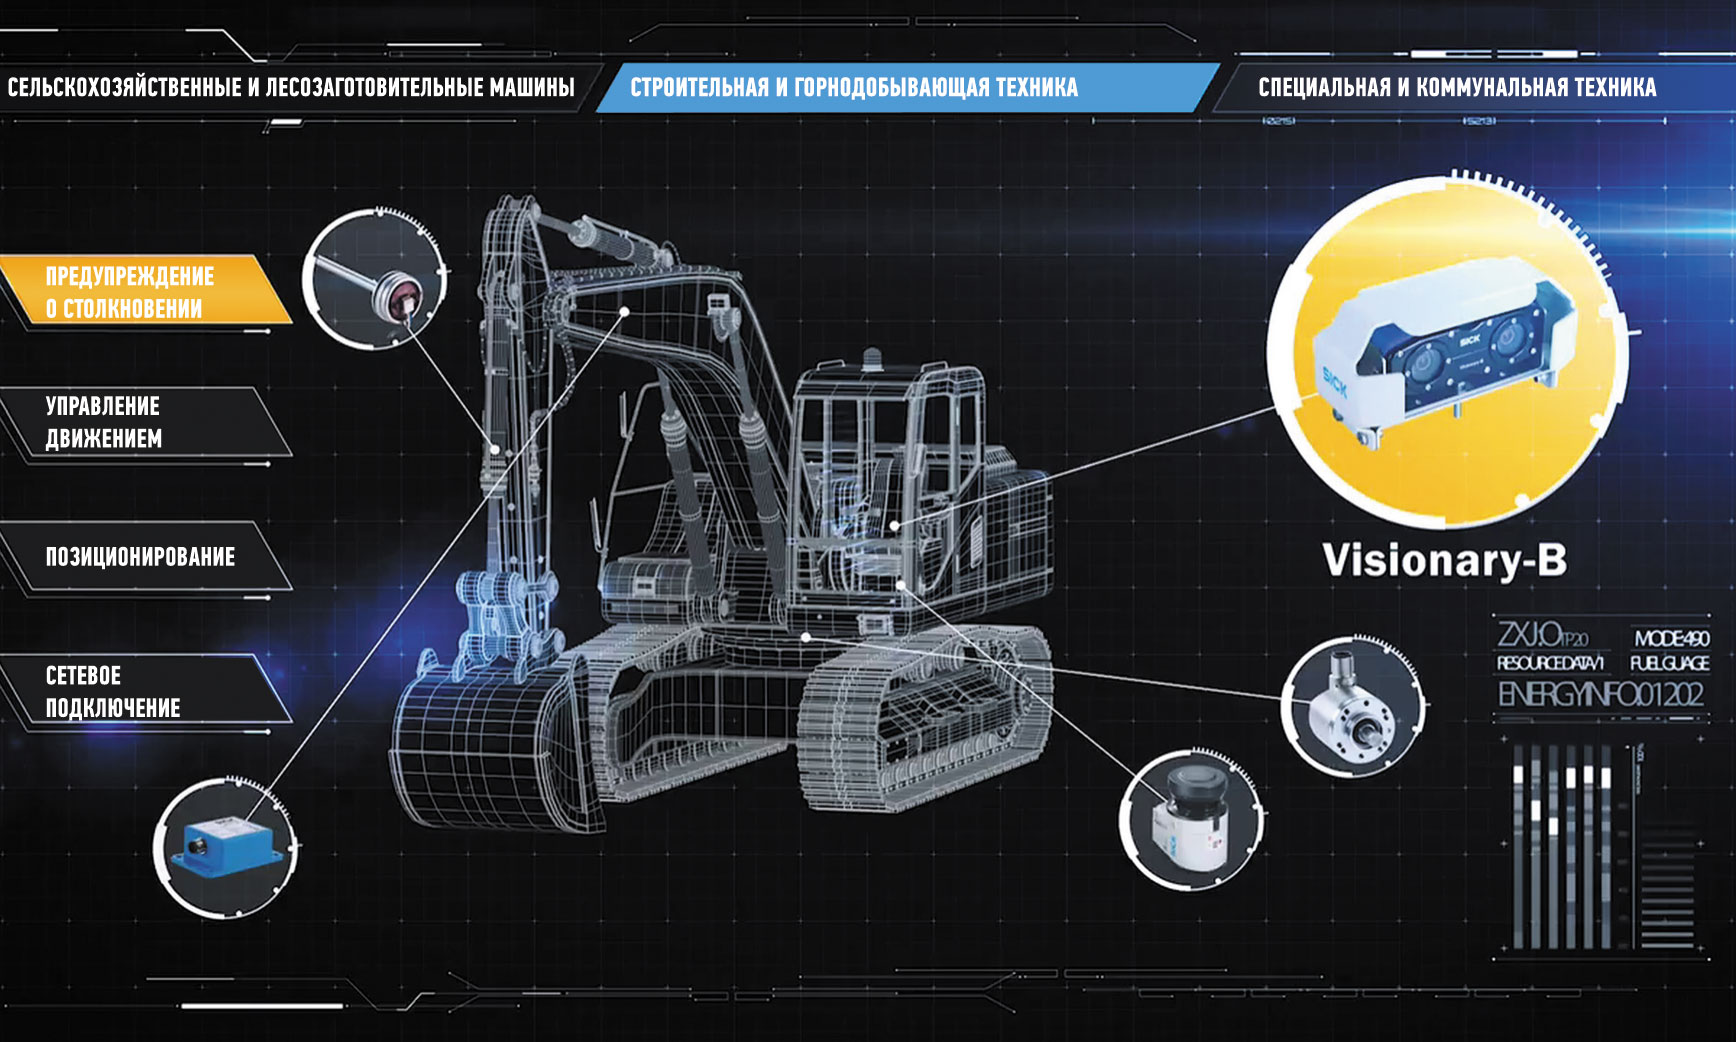 Практический пример применения системы Visionary-B на промышленных транспортных средствах специального назначения